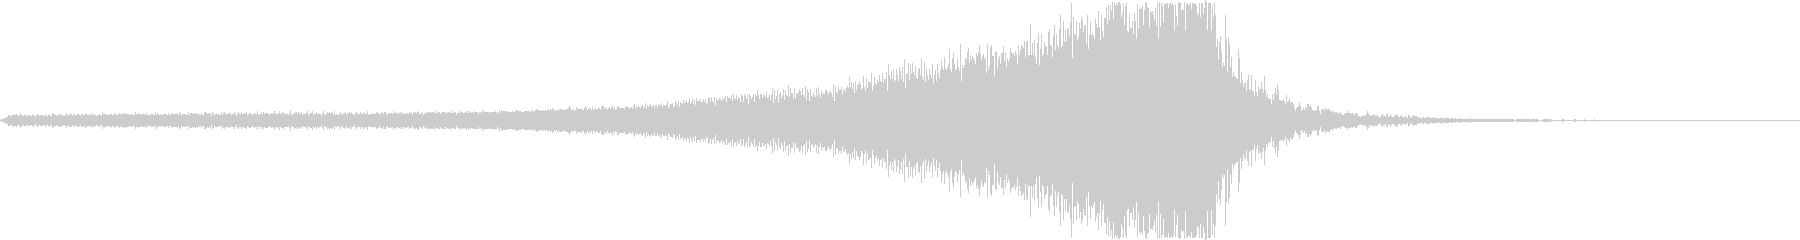 和風ジングル3秒(笙、足拍子、附け打ち)の未再生の波形